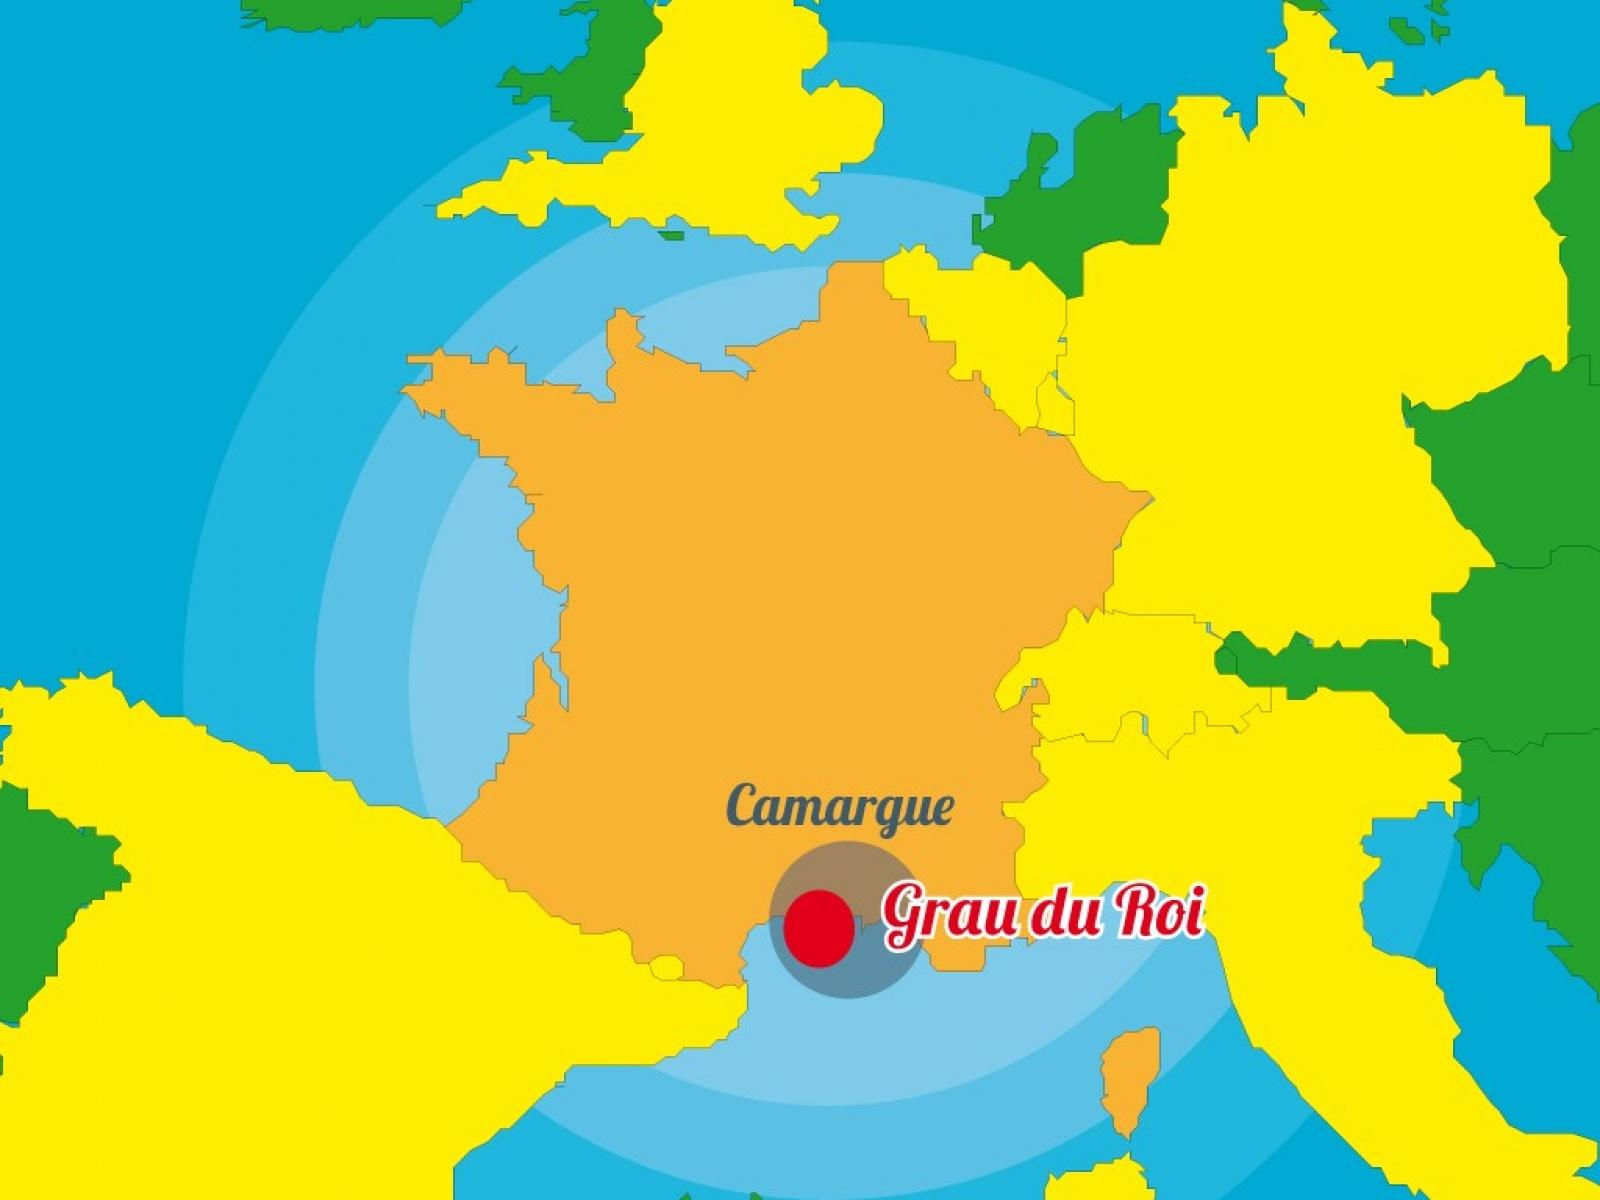 Itin raire et plan d 39 acc s for Plan grau du roi